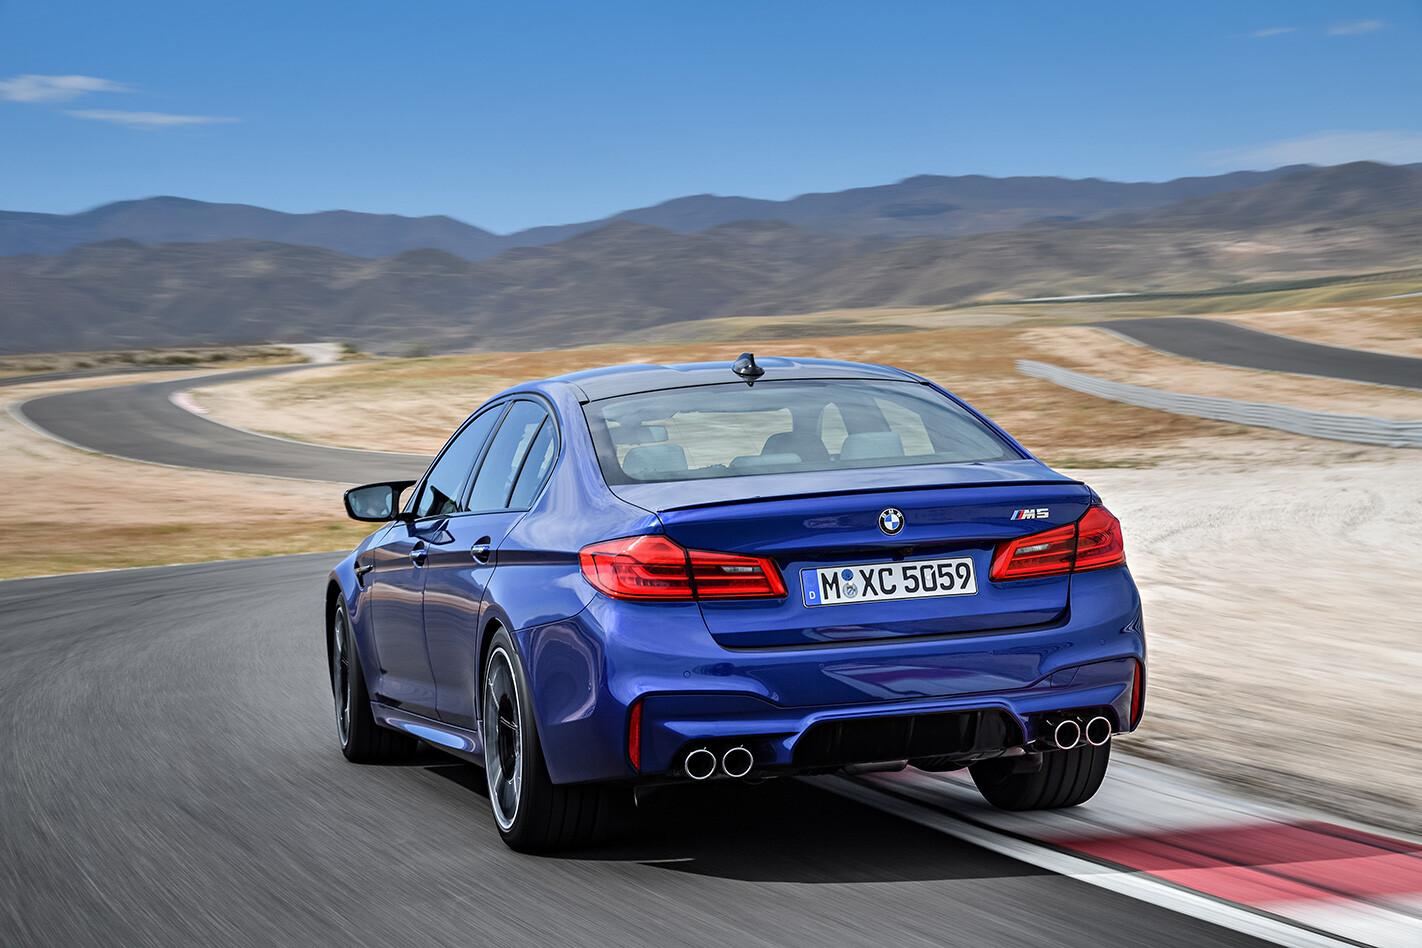 2018 BMW M5 rear